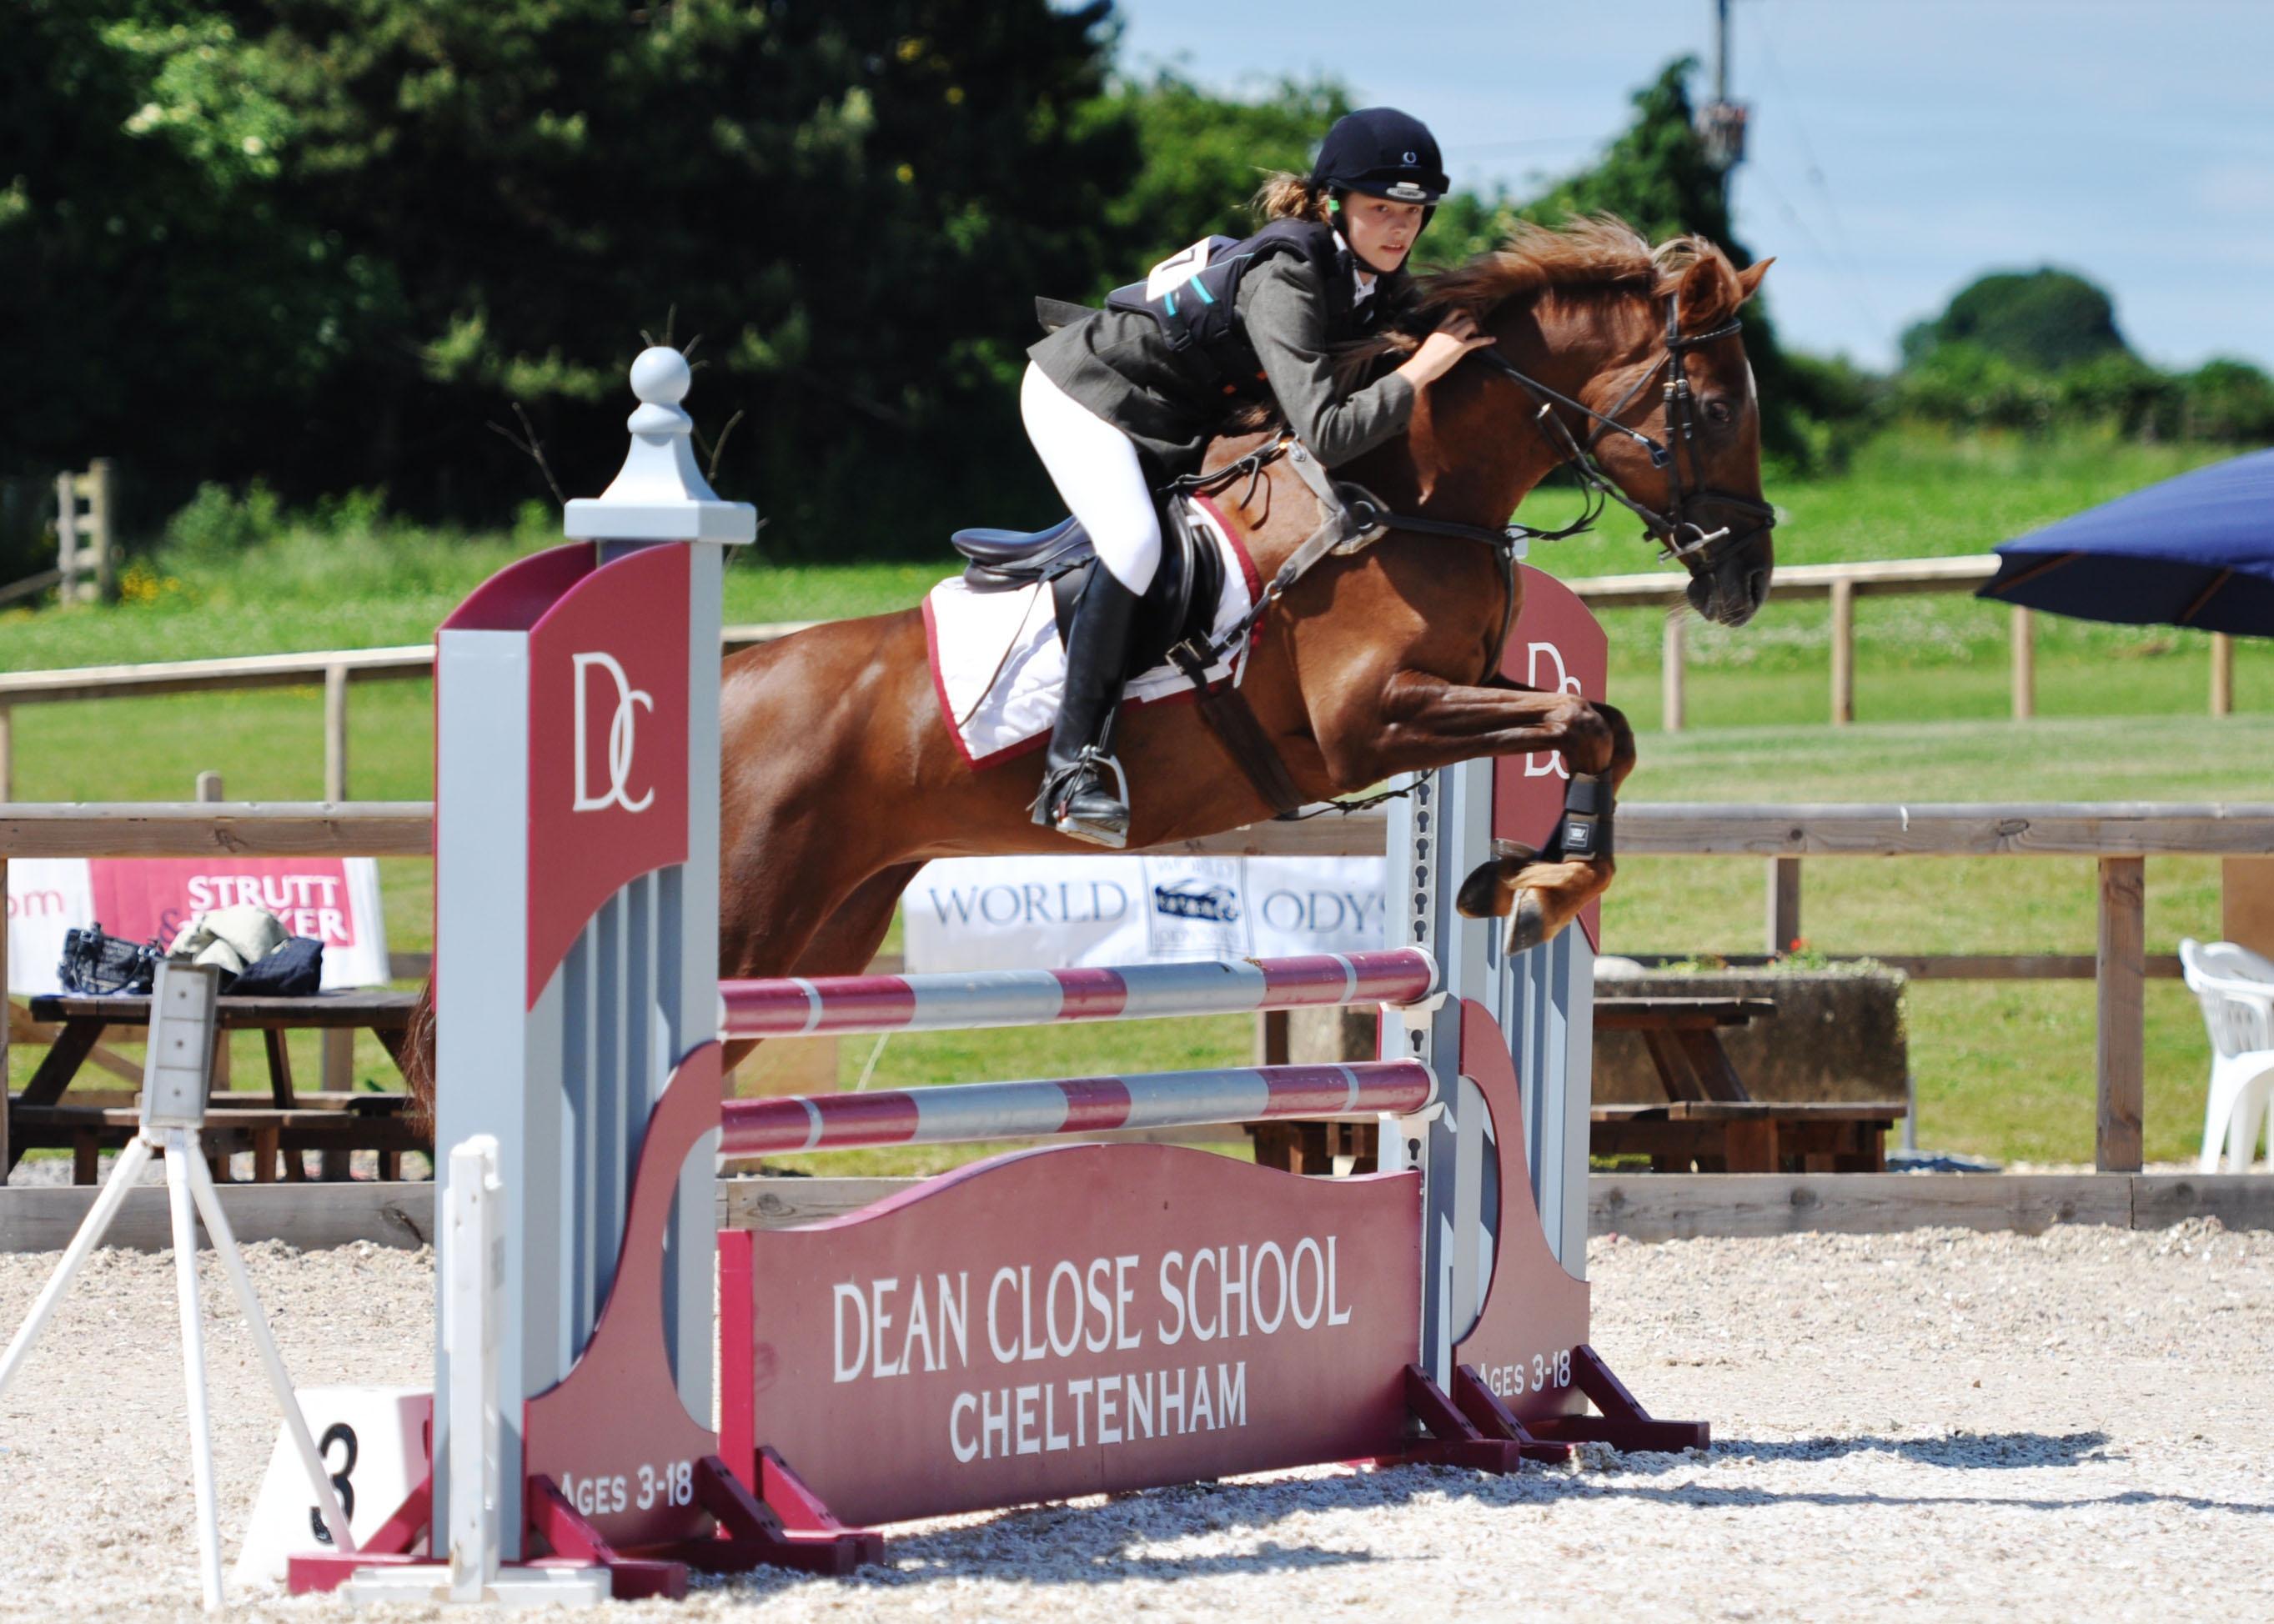 Cheltenham Show Jumping Season